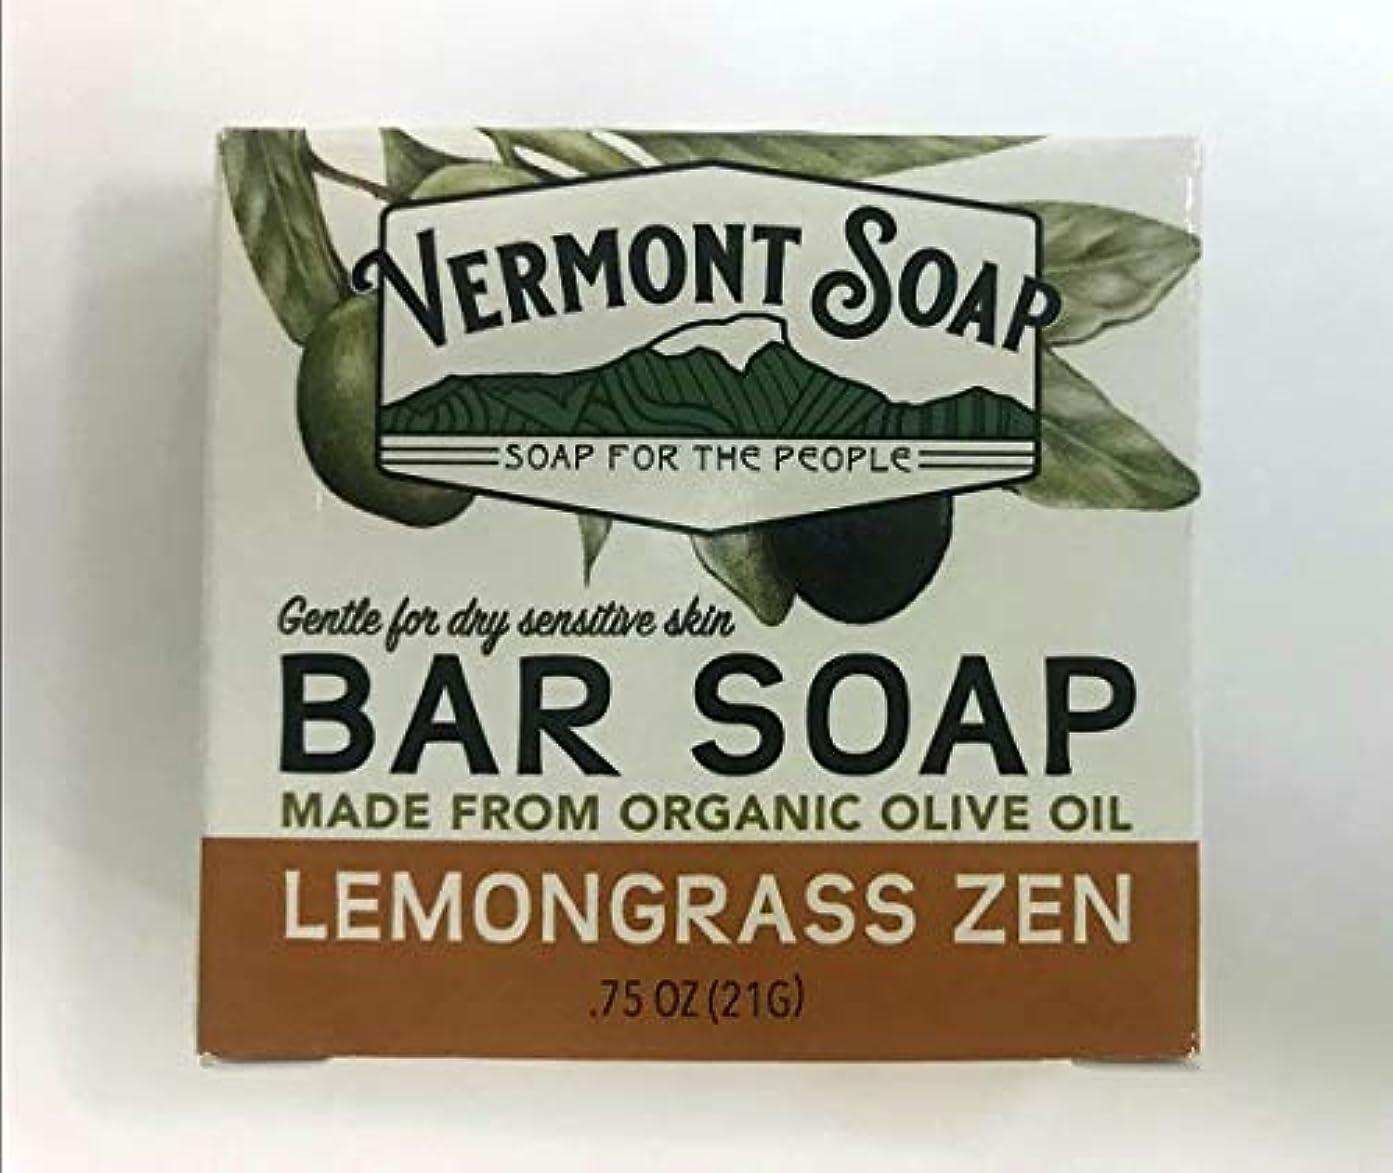 仮定する処方秘書VermontSoap バーモントソープ トラベルサイズ 2種類 (レモングラス) 21g オーガニック石けん 洗顔 ボディー